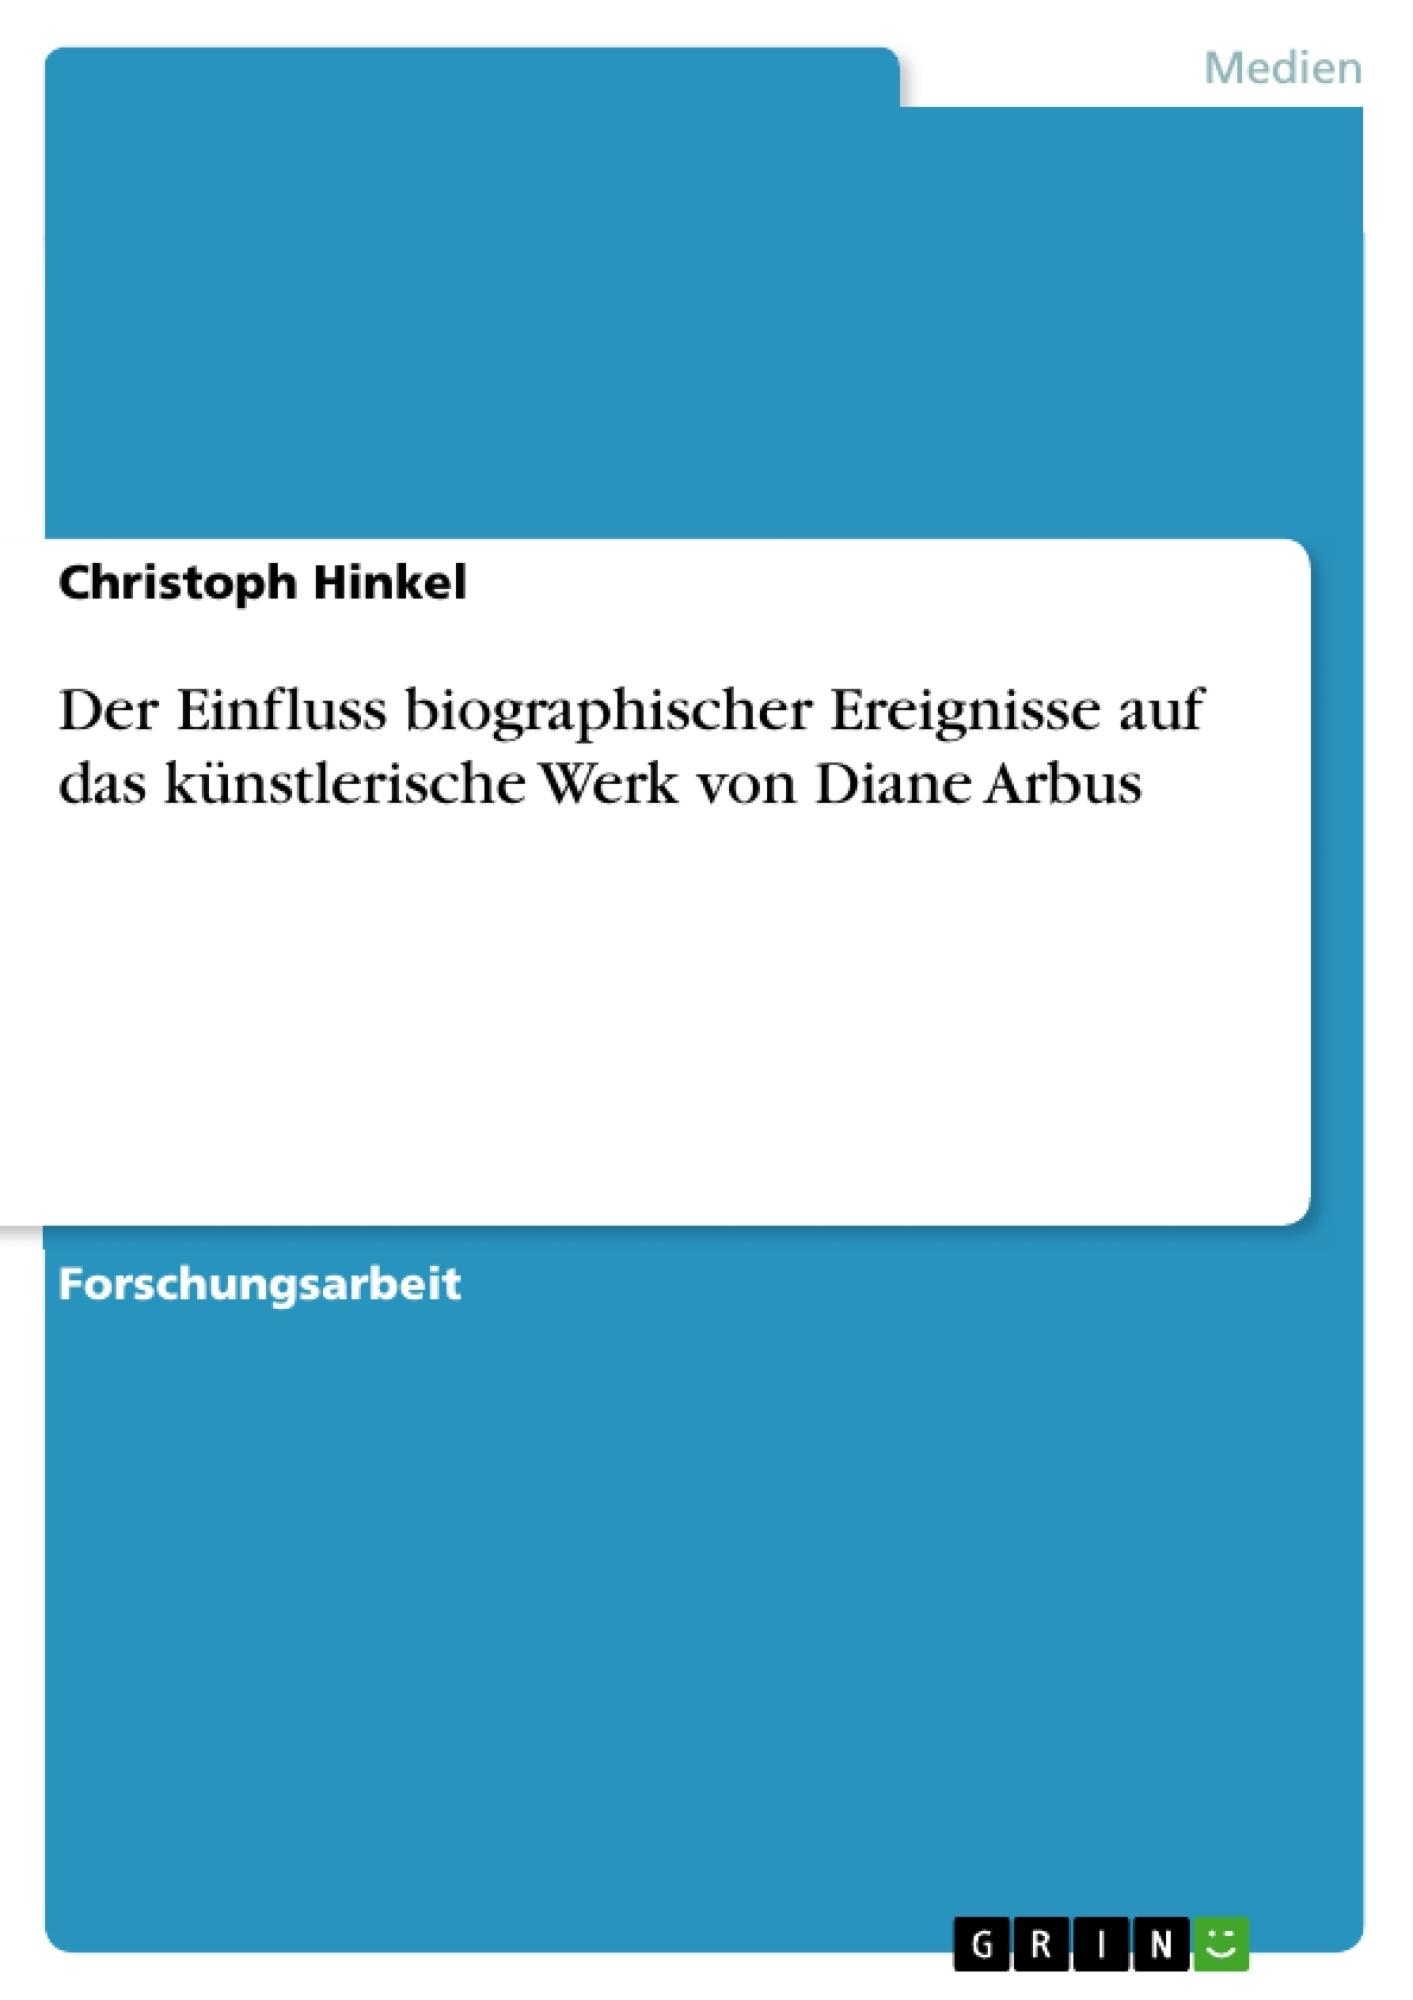 Titel: Der Einfluss biographischer Ereignisse auf das künstlerische Werk von Diane Arbus